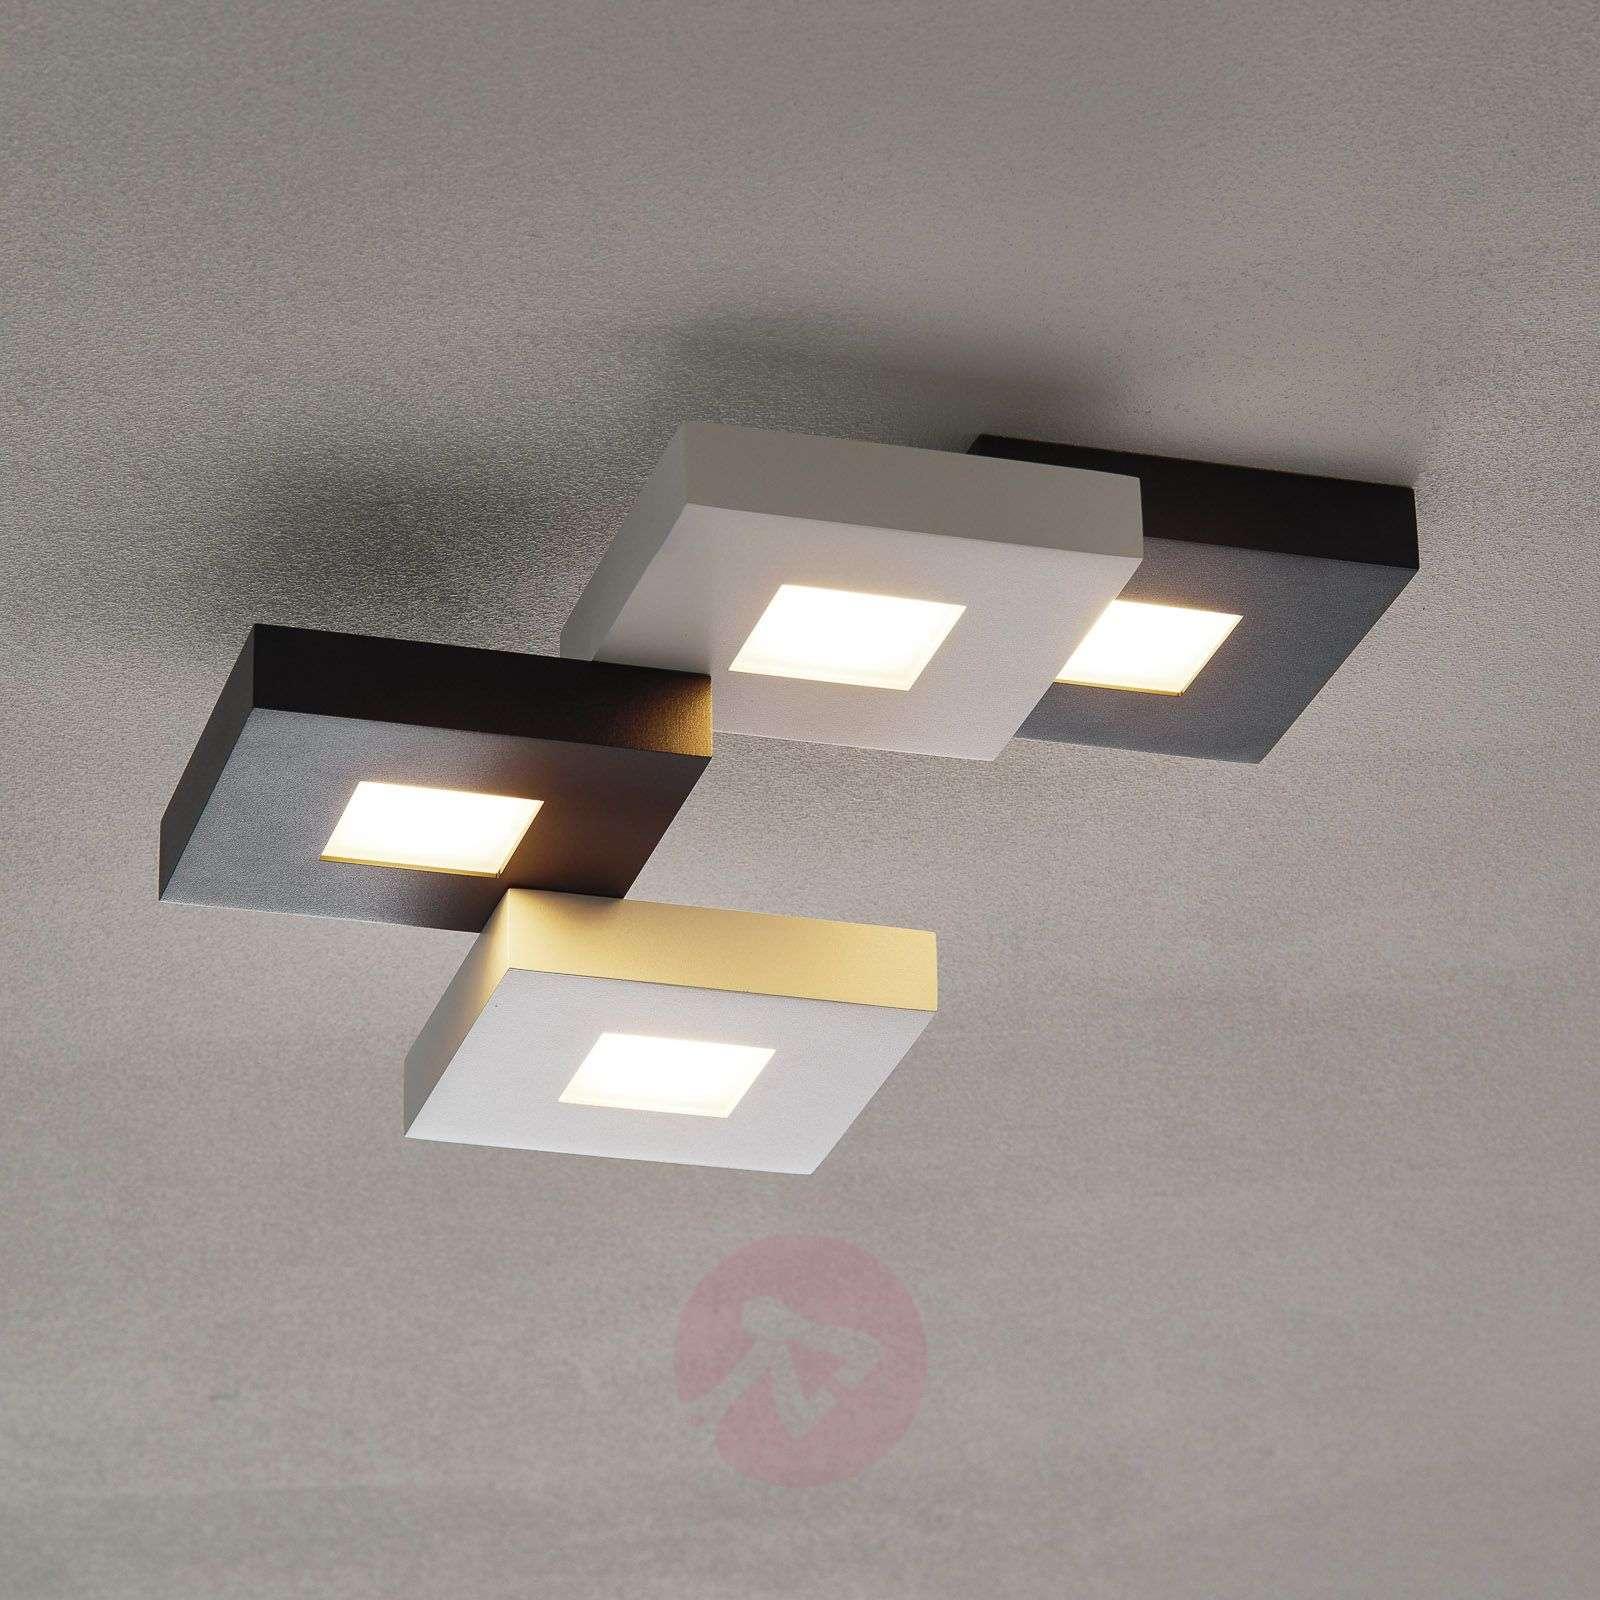 LED-kattovalaisin Cubus mustavalk. 4-lamppuinen-1556076-01